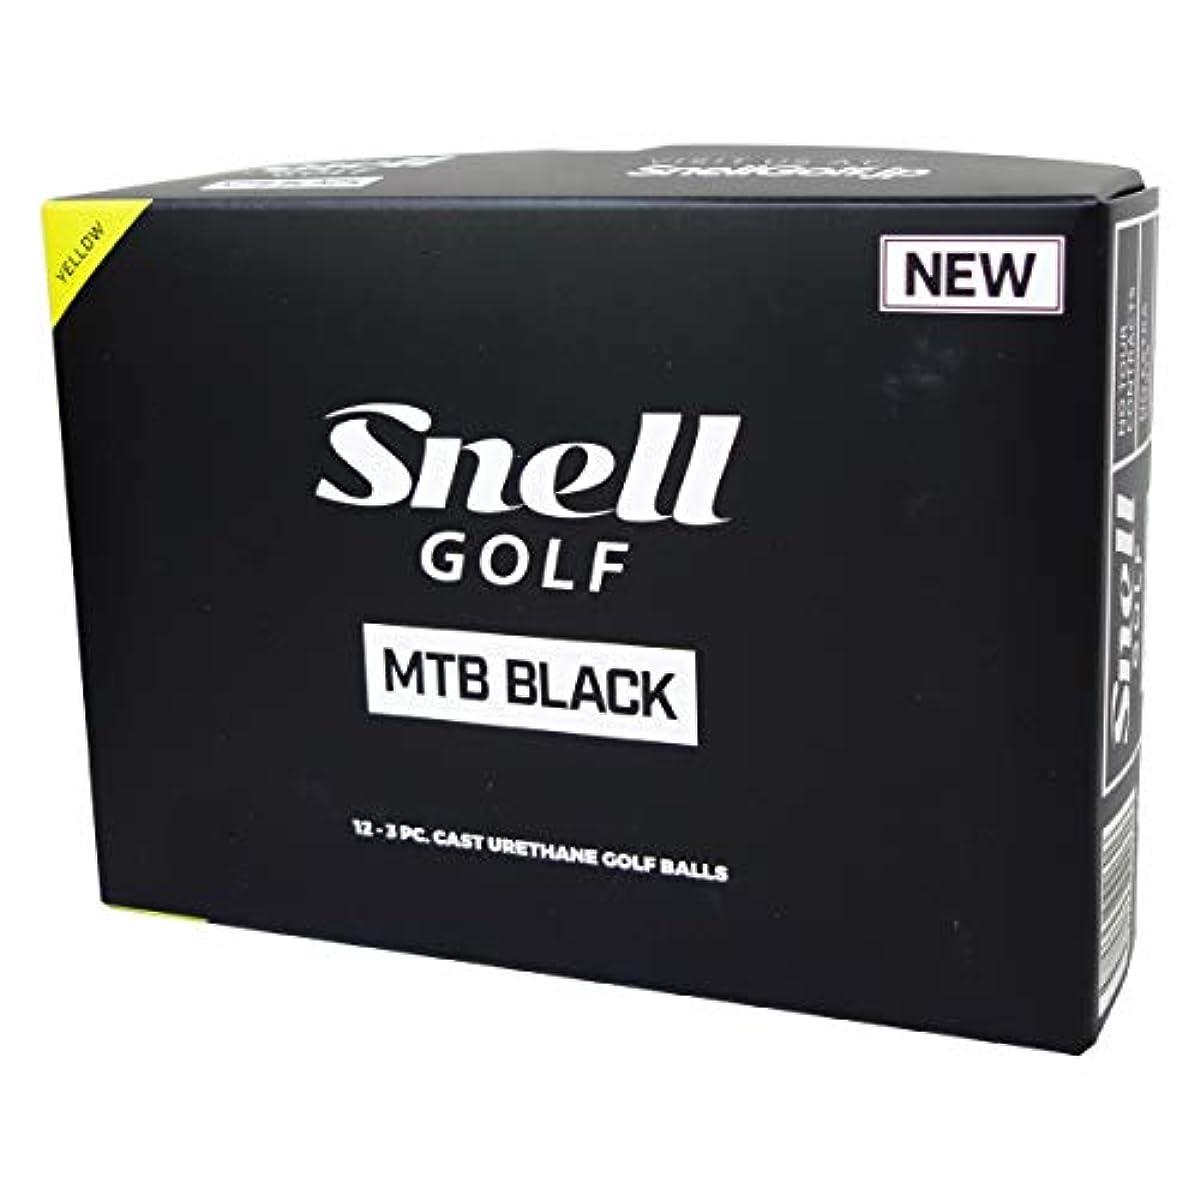 [해외] SNELL GOLF 스넬 골프공 MTB BLACK 12구 옐로우